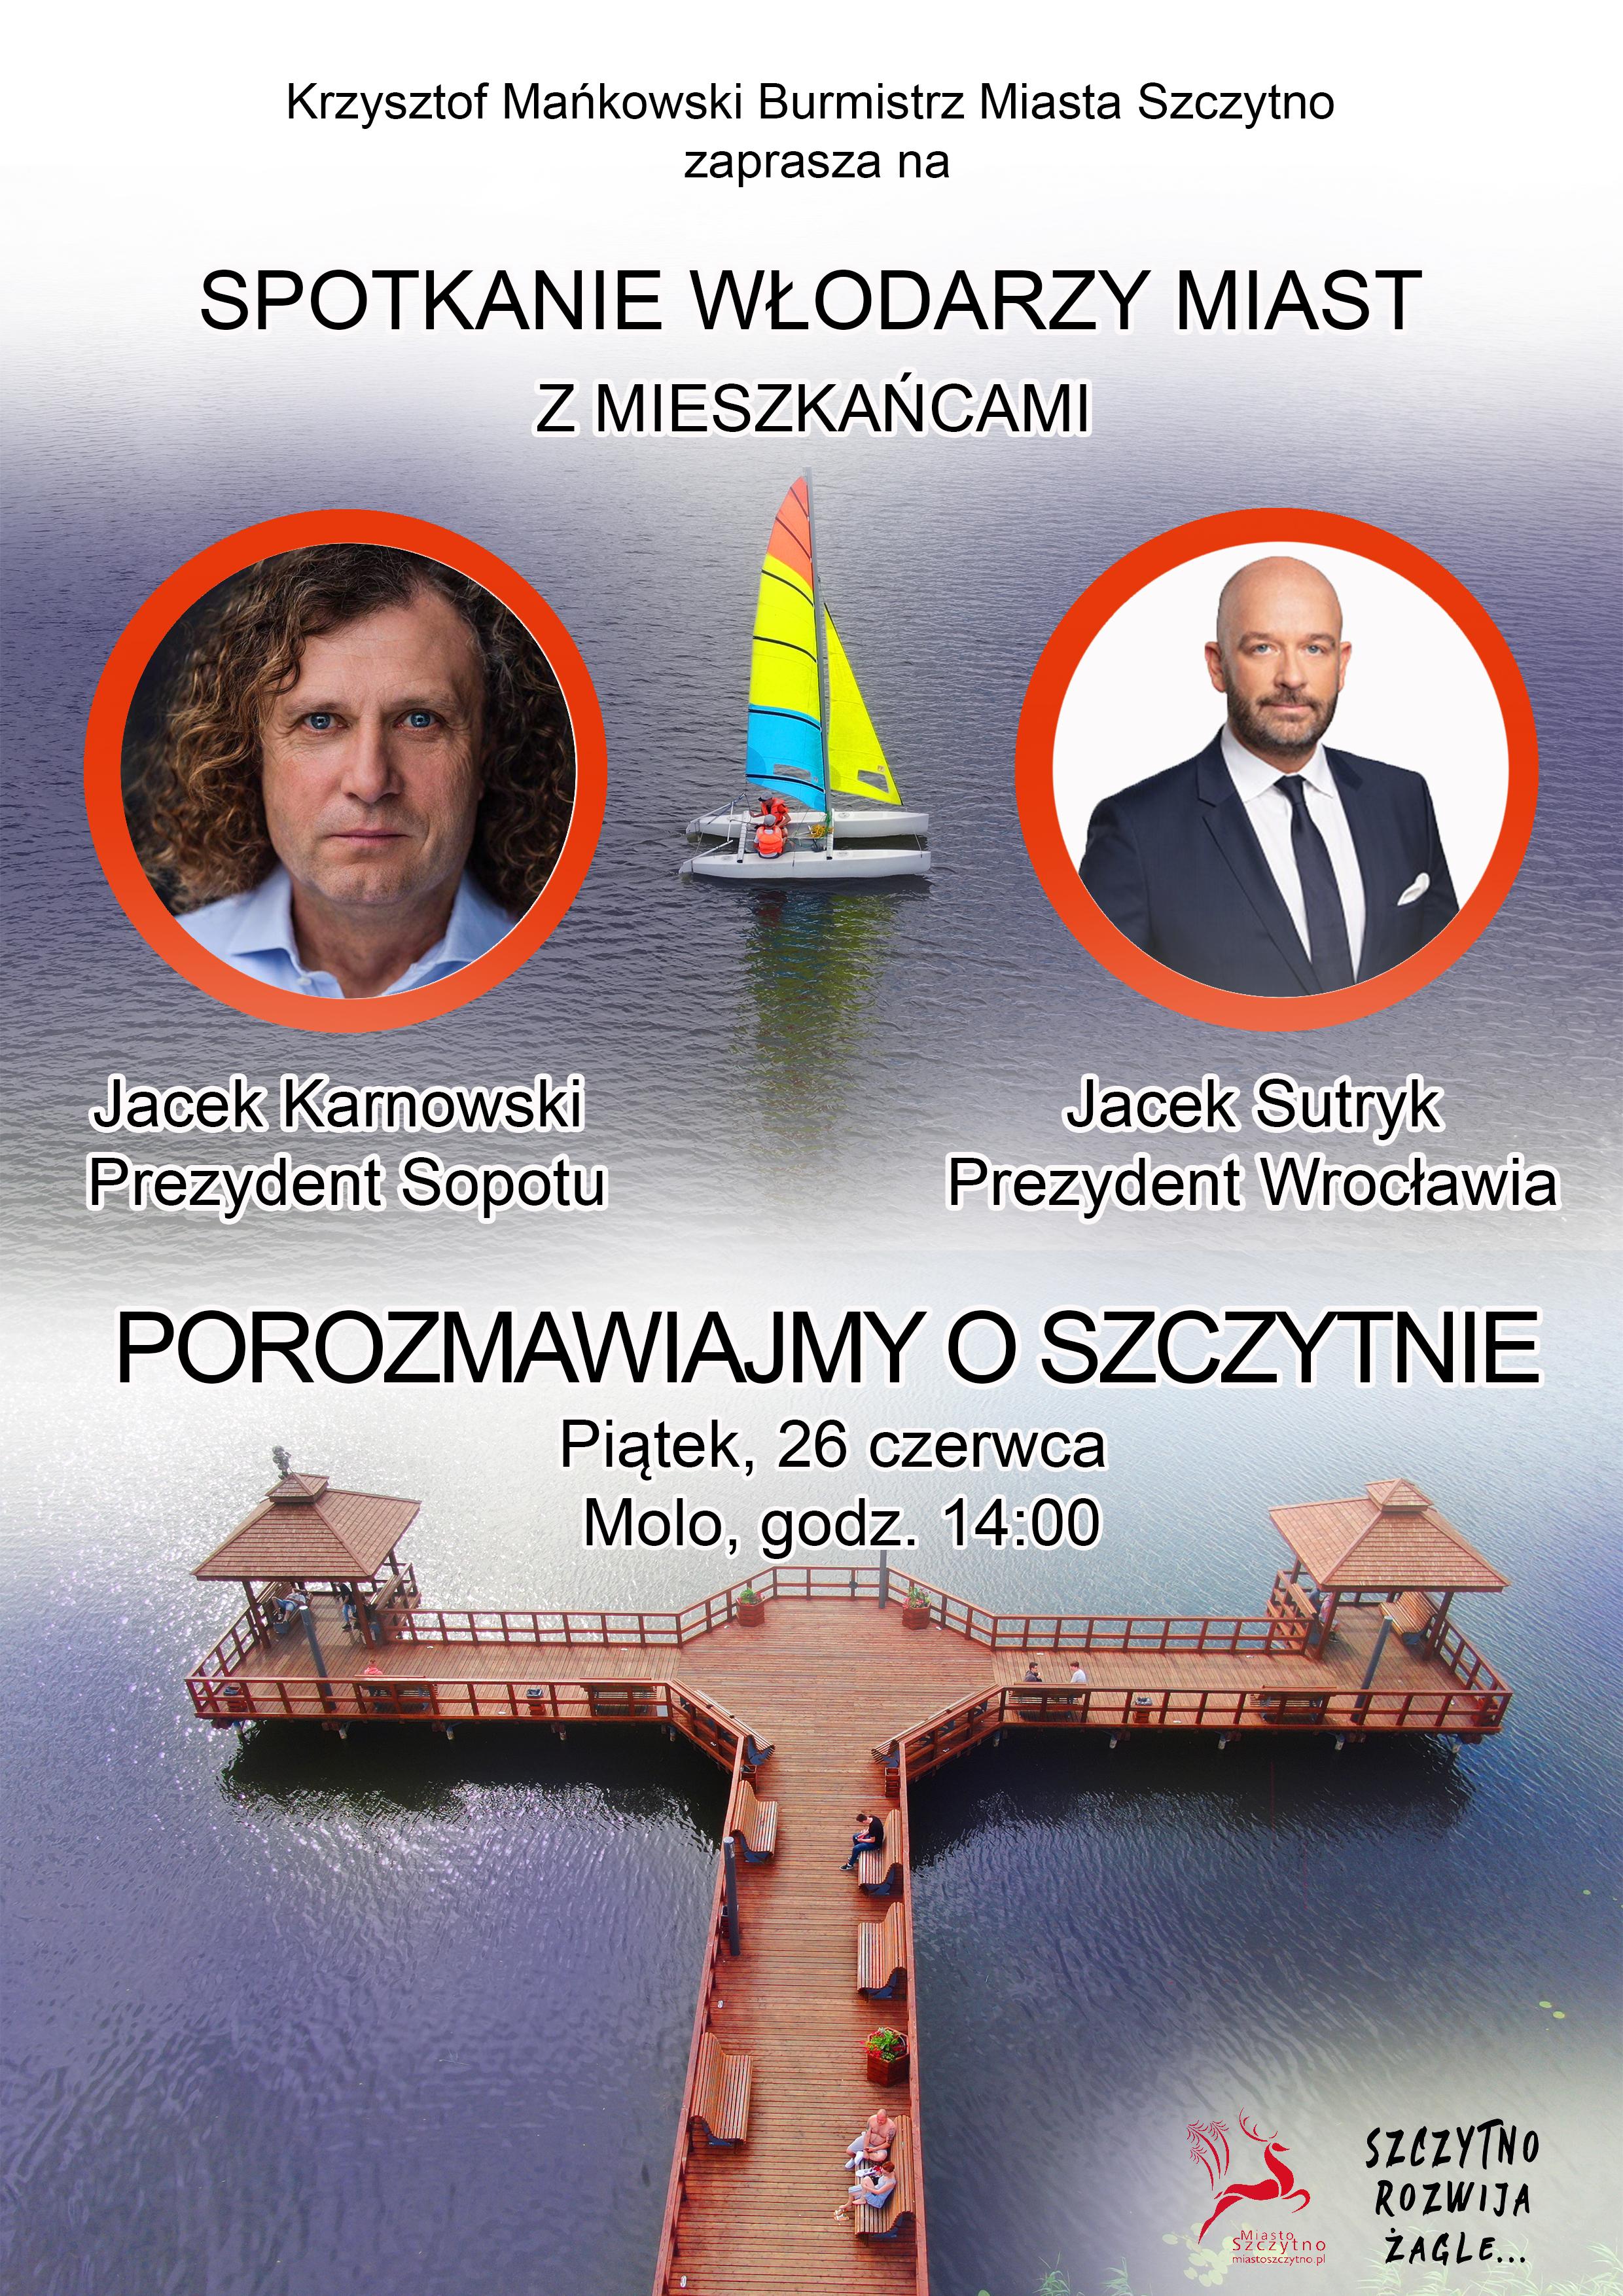 https://m.powiatszczycienski.pl/2020/06/orig/spotkanie-z-samorzadowcam-4-twarz-i-moloi-32833.jpg